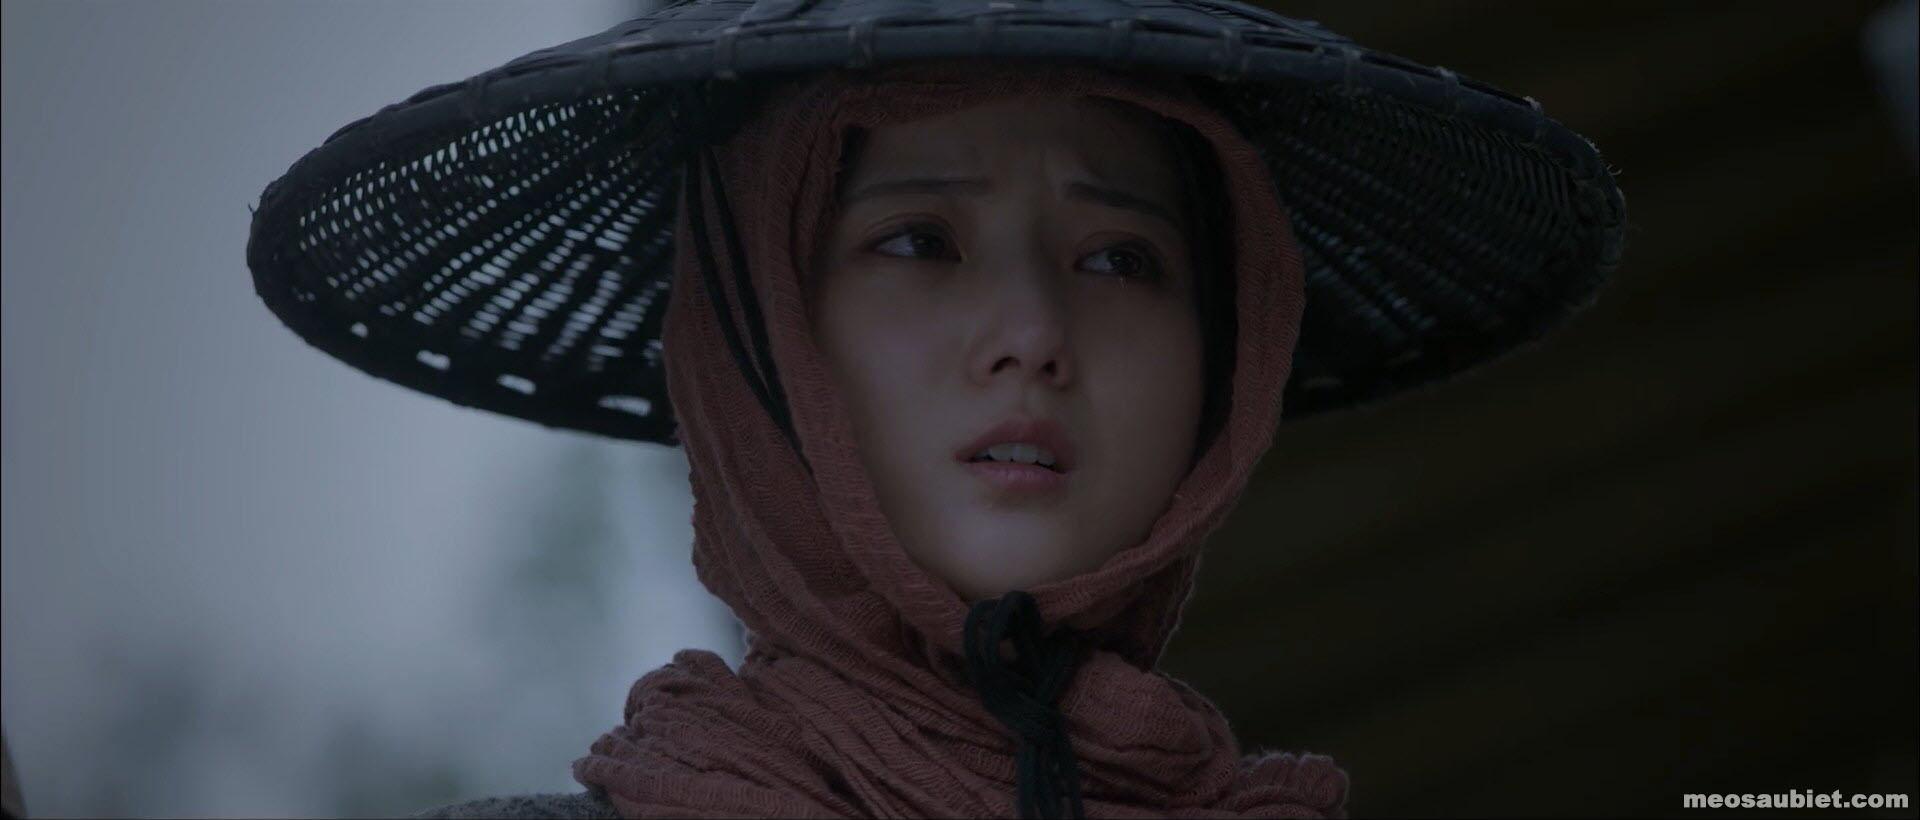 Náo nhạc giang hồ 2019 Mã Thiến Thiến trong vai Khương Diệu Huyền